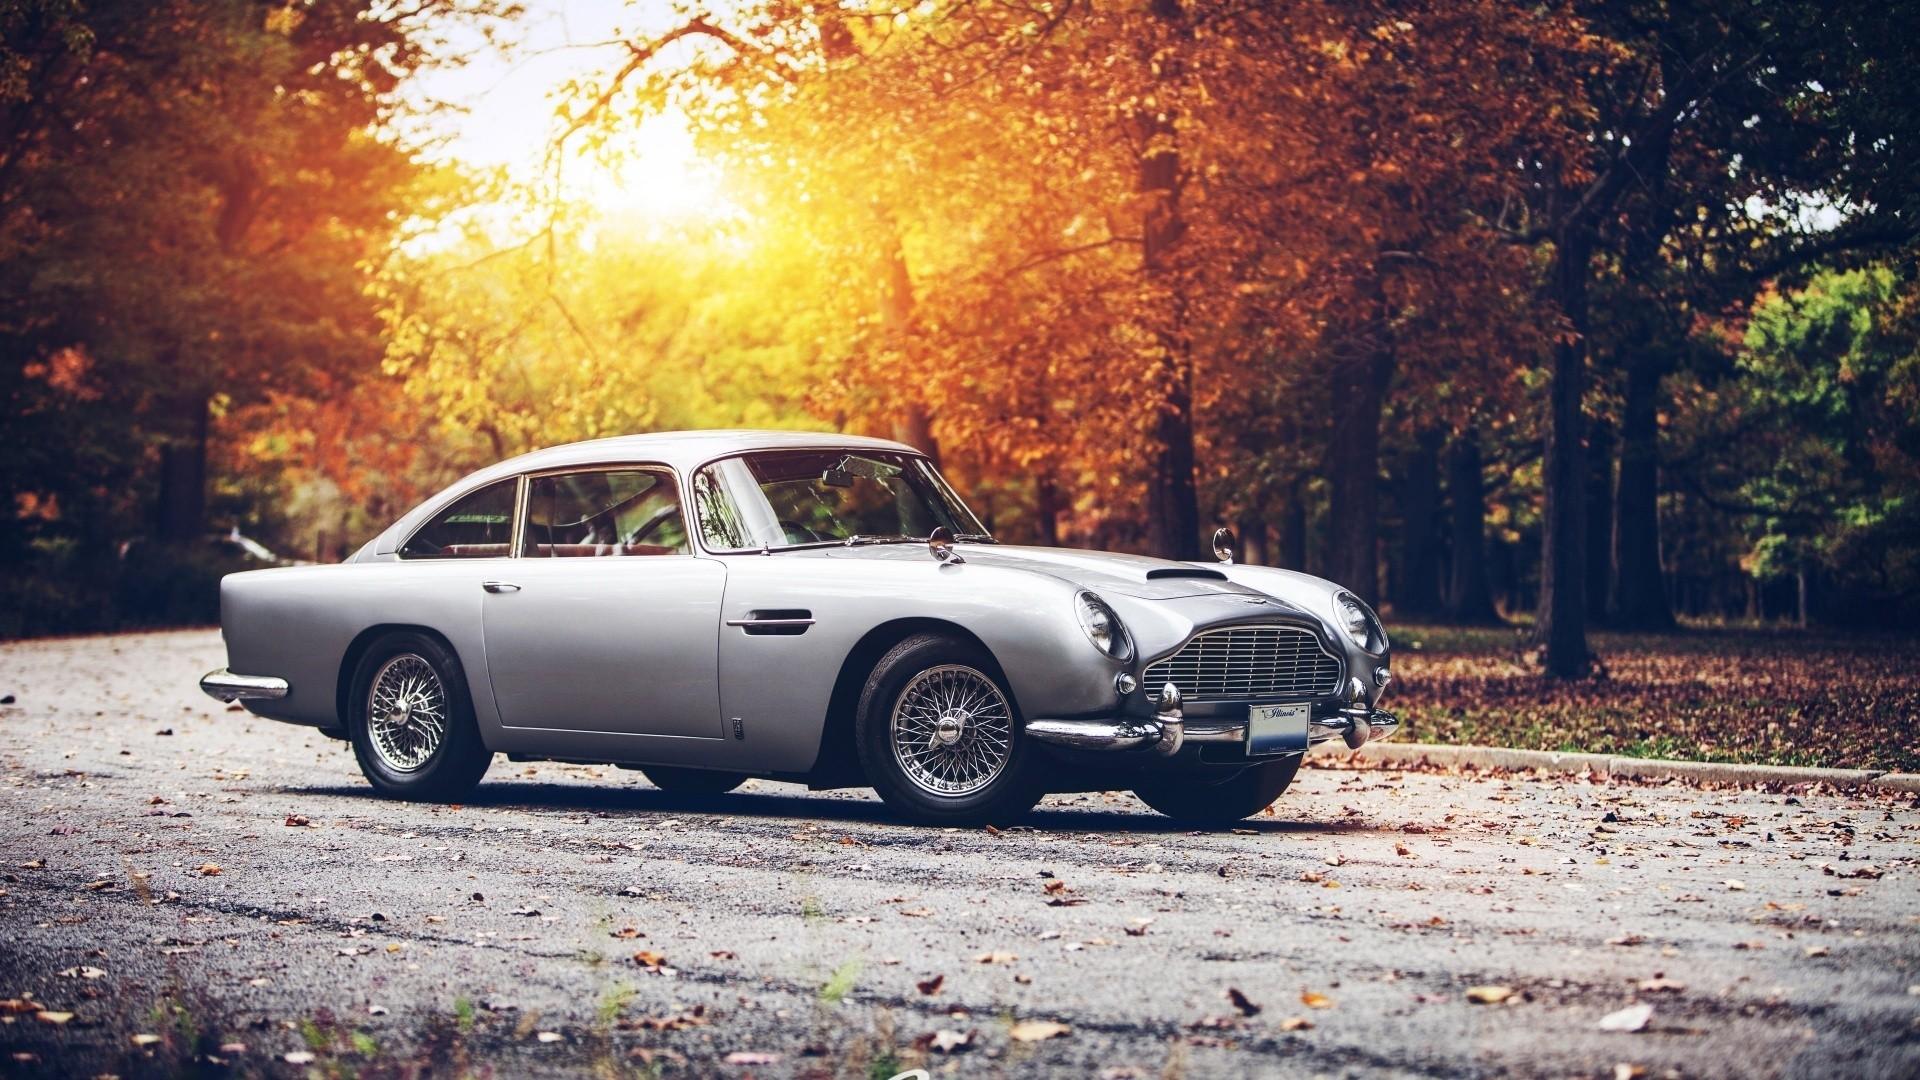 Classic Car a wallpaper